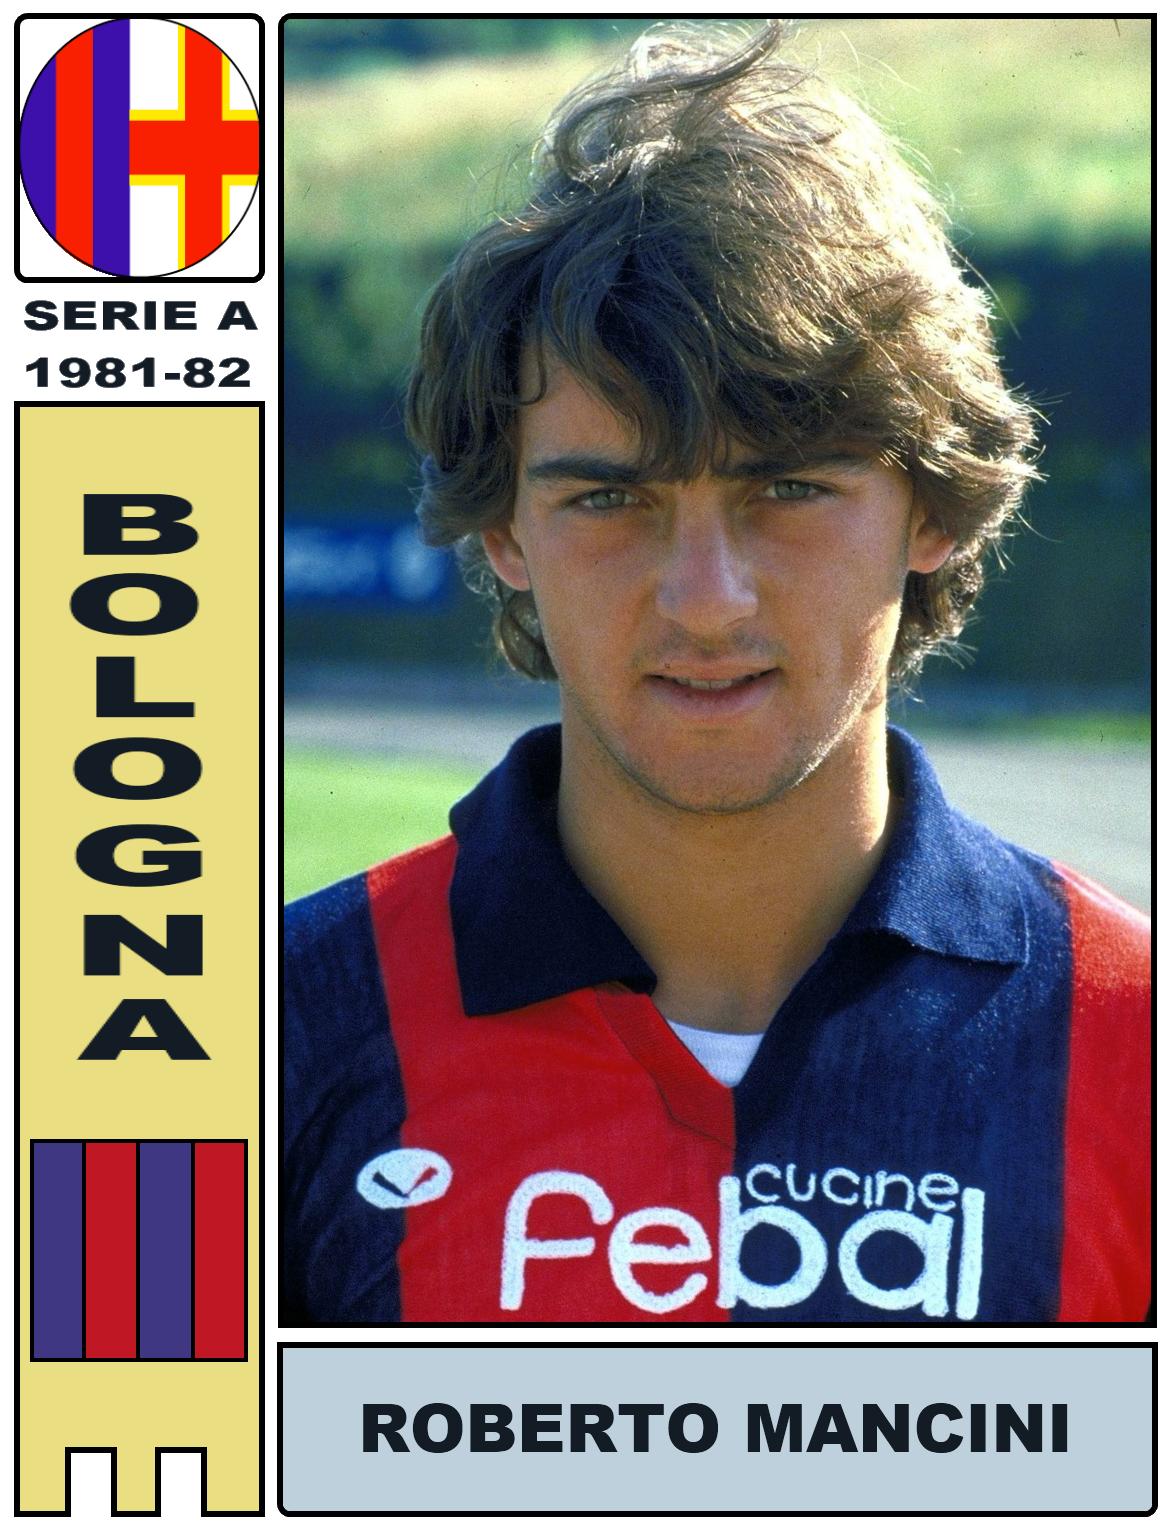 Roberto+MANCINI+-+BOLOGNE+1981-82.png 1,169×1,529 pixels